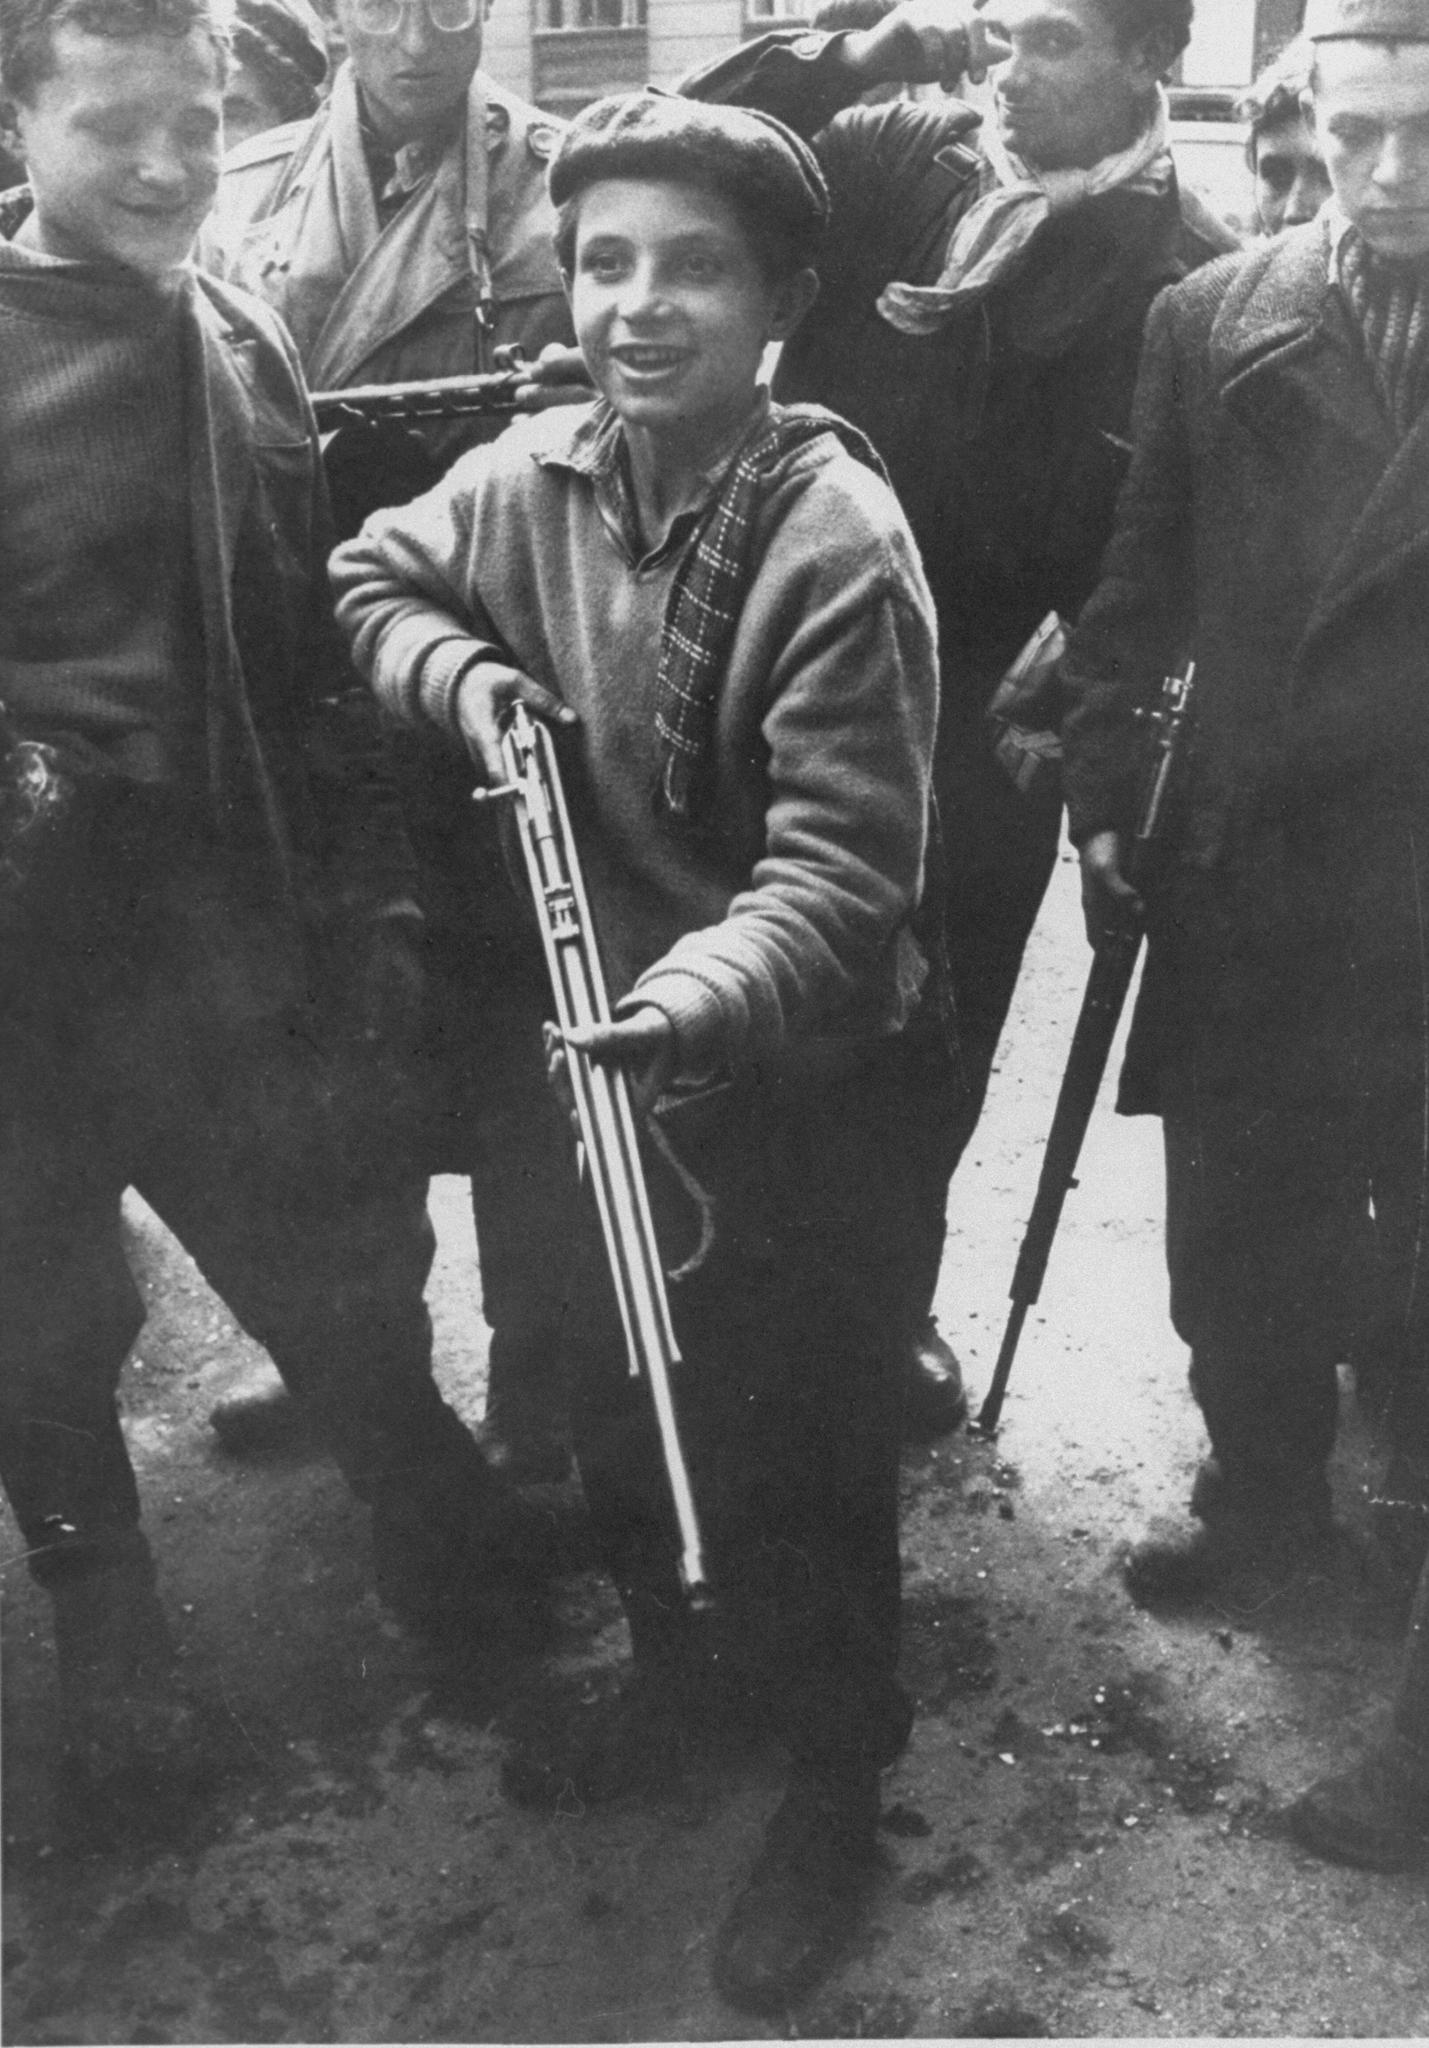 1956: Ők voltak a forradalom gyermekei – archív fotók